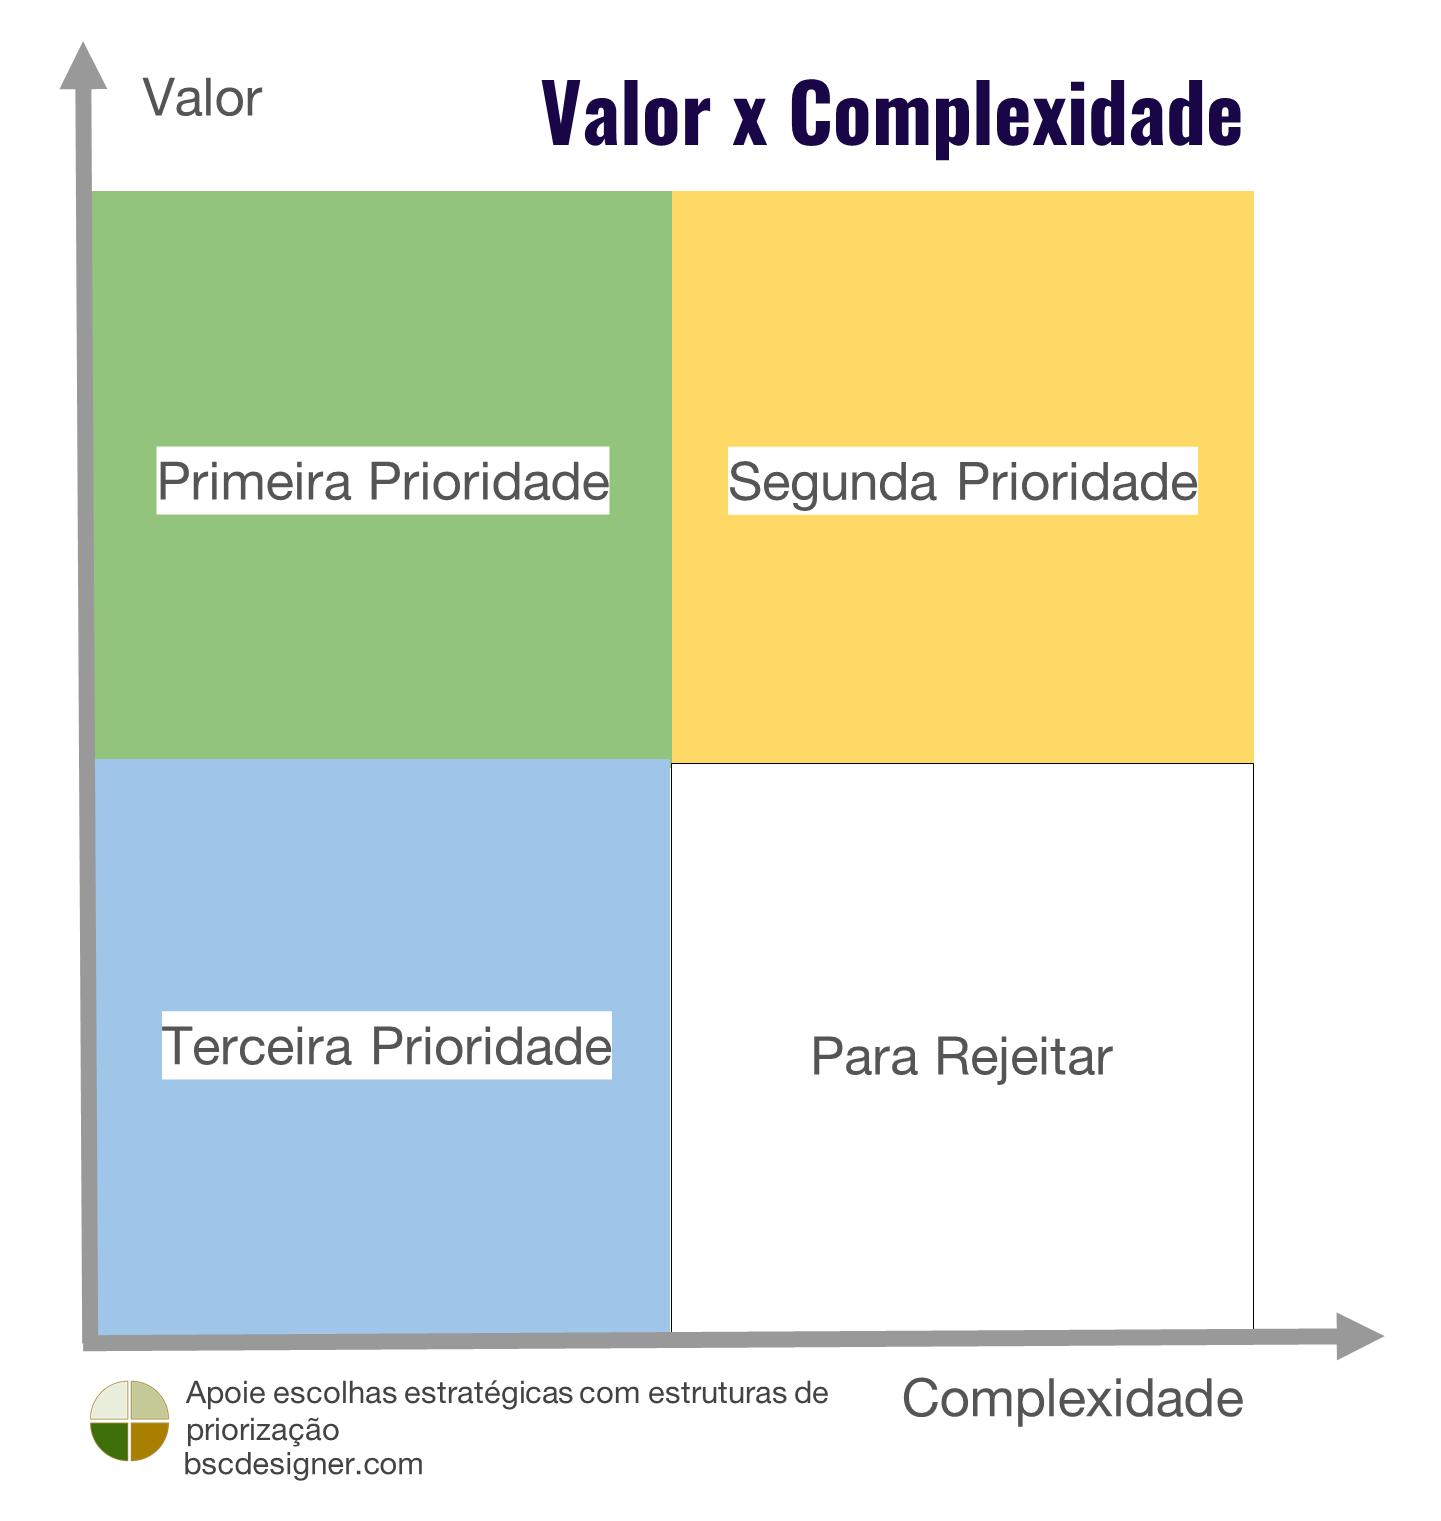 Matriz de Valor x Complexidade